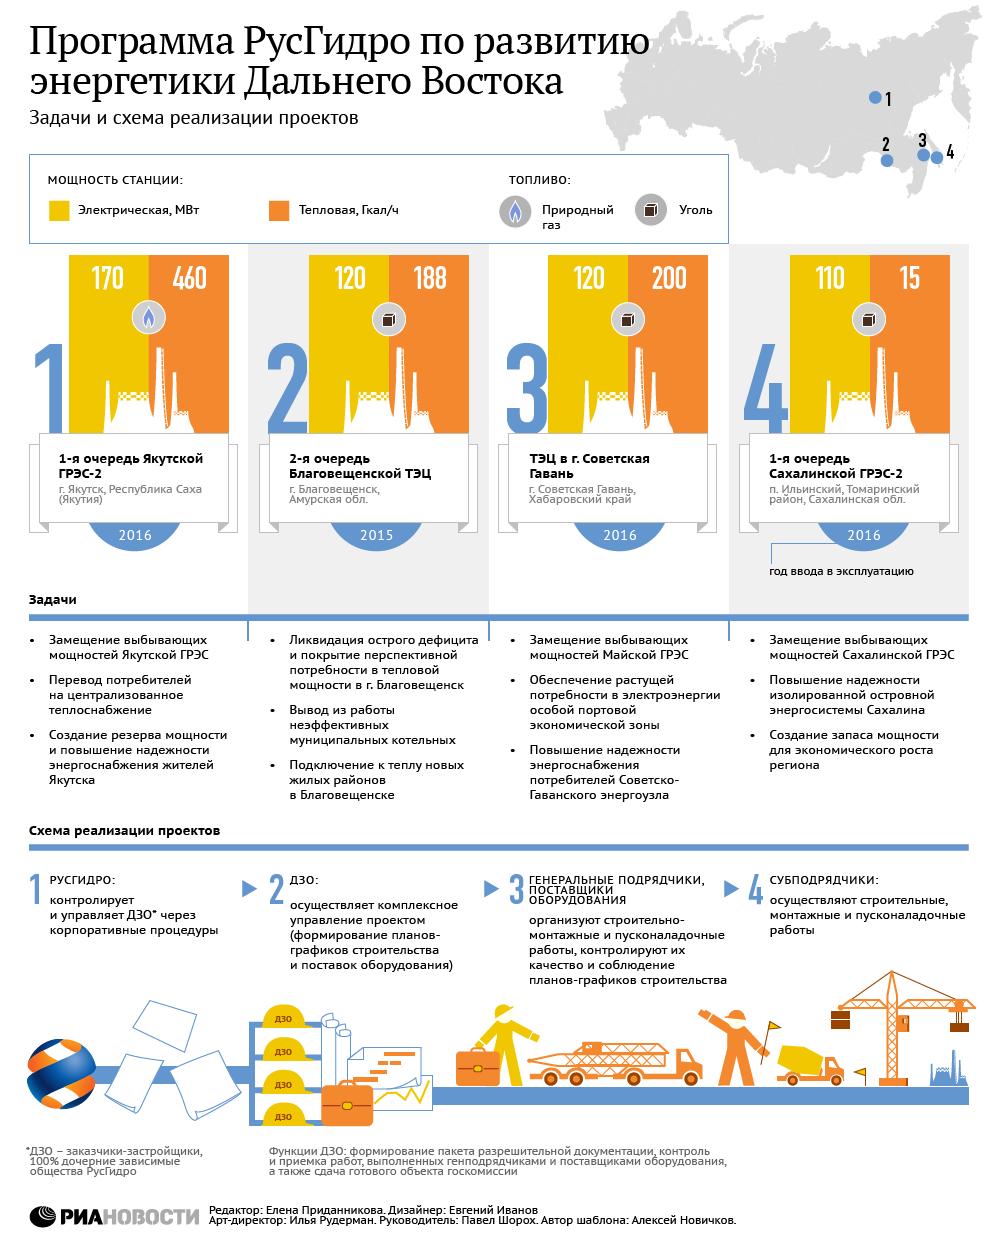 Программа РусГидро по развитию энергетики Дальнего Востока